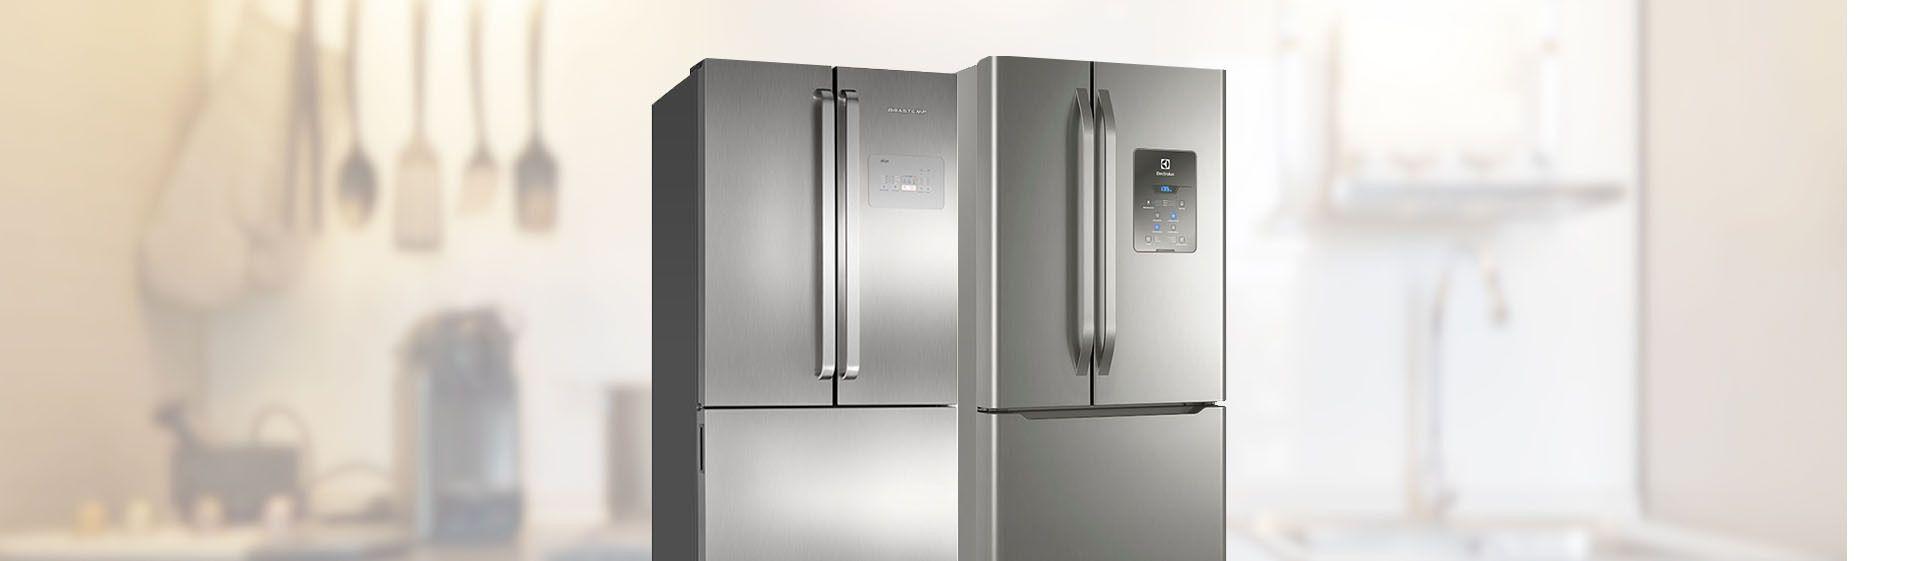 Electrolux DM84X ou Brastemp BRO80AK? Avaliação e comparação das geladeiras